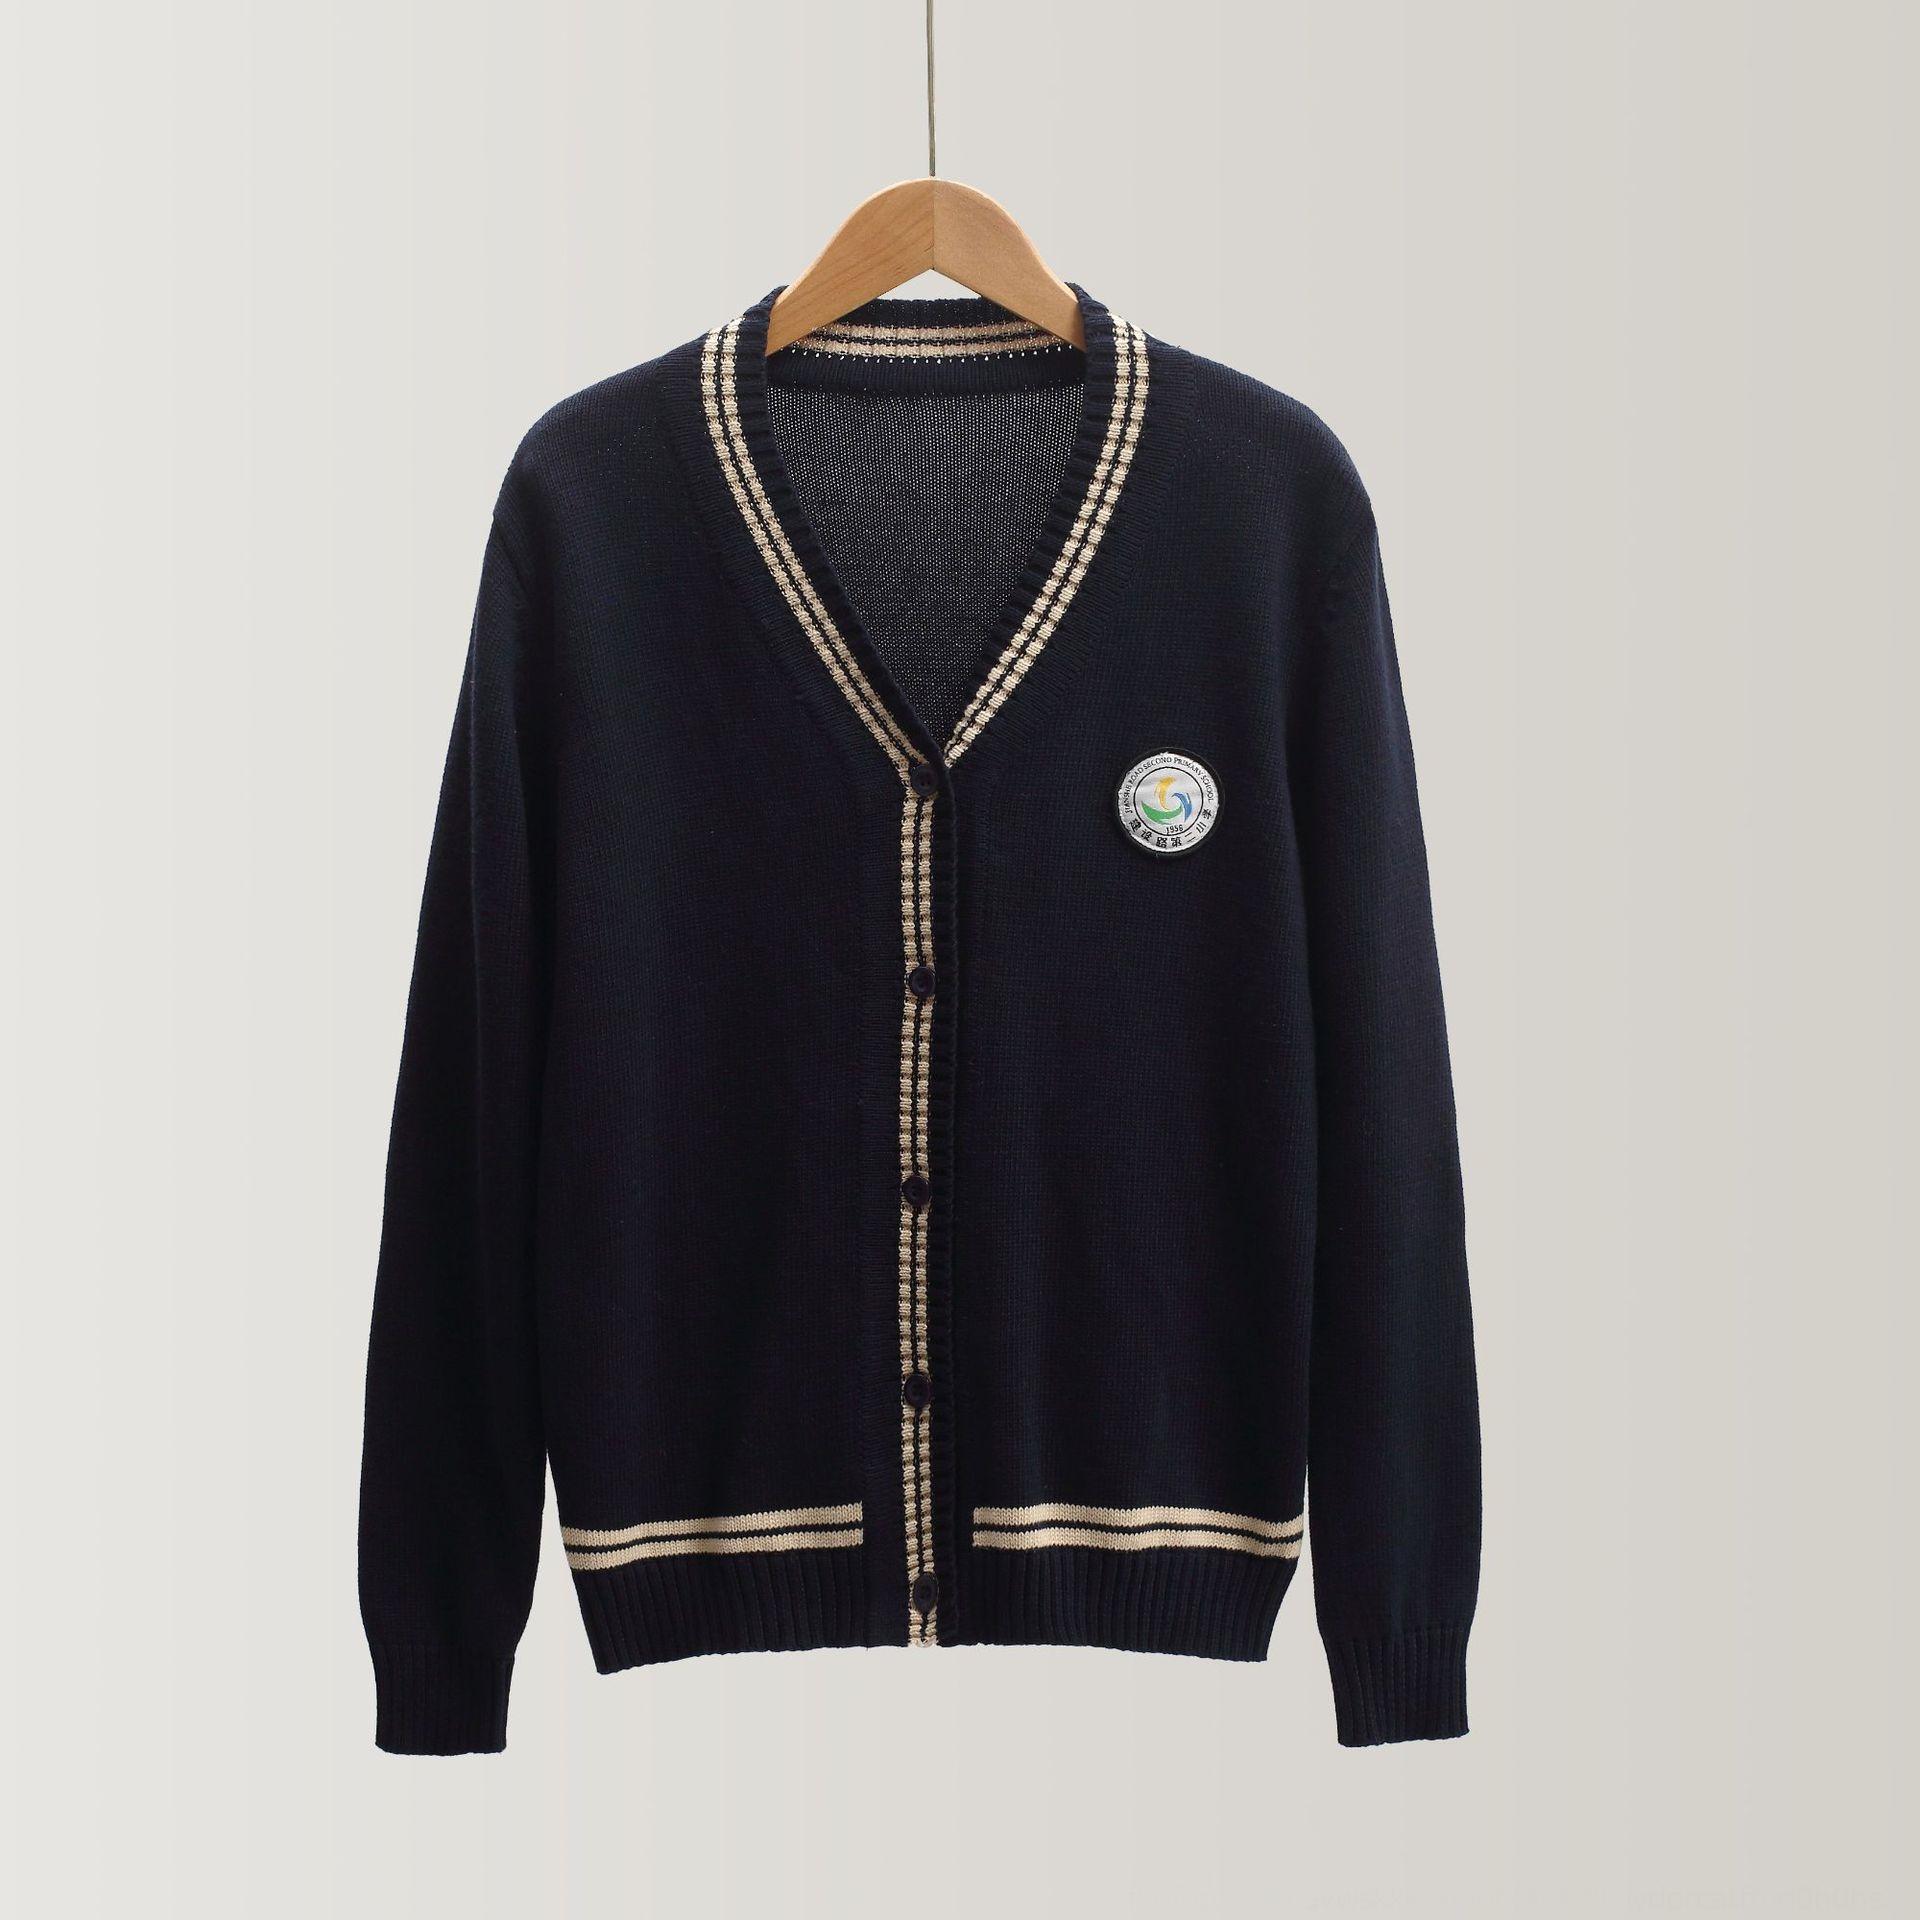 QZq5J capa fina chaqueta de punto de manga larga alumnos masculinos y femeninos con cuello en V jersey de algodón uniforme suéter ropa niños de la capa de los niños de la escuela